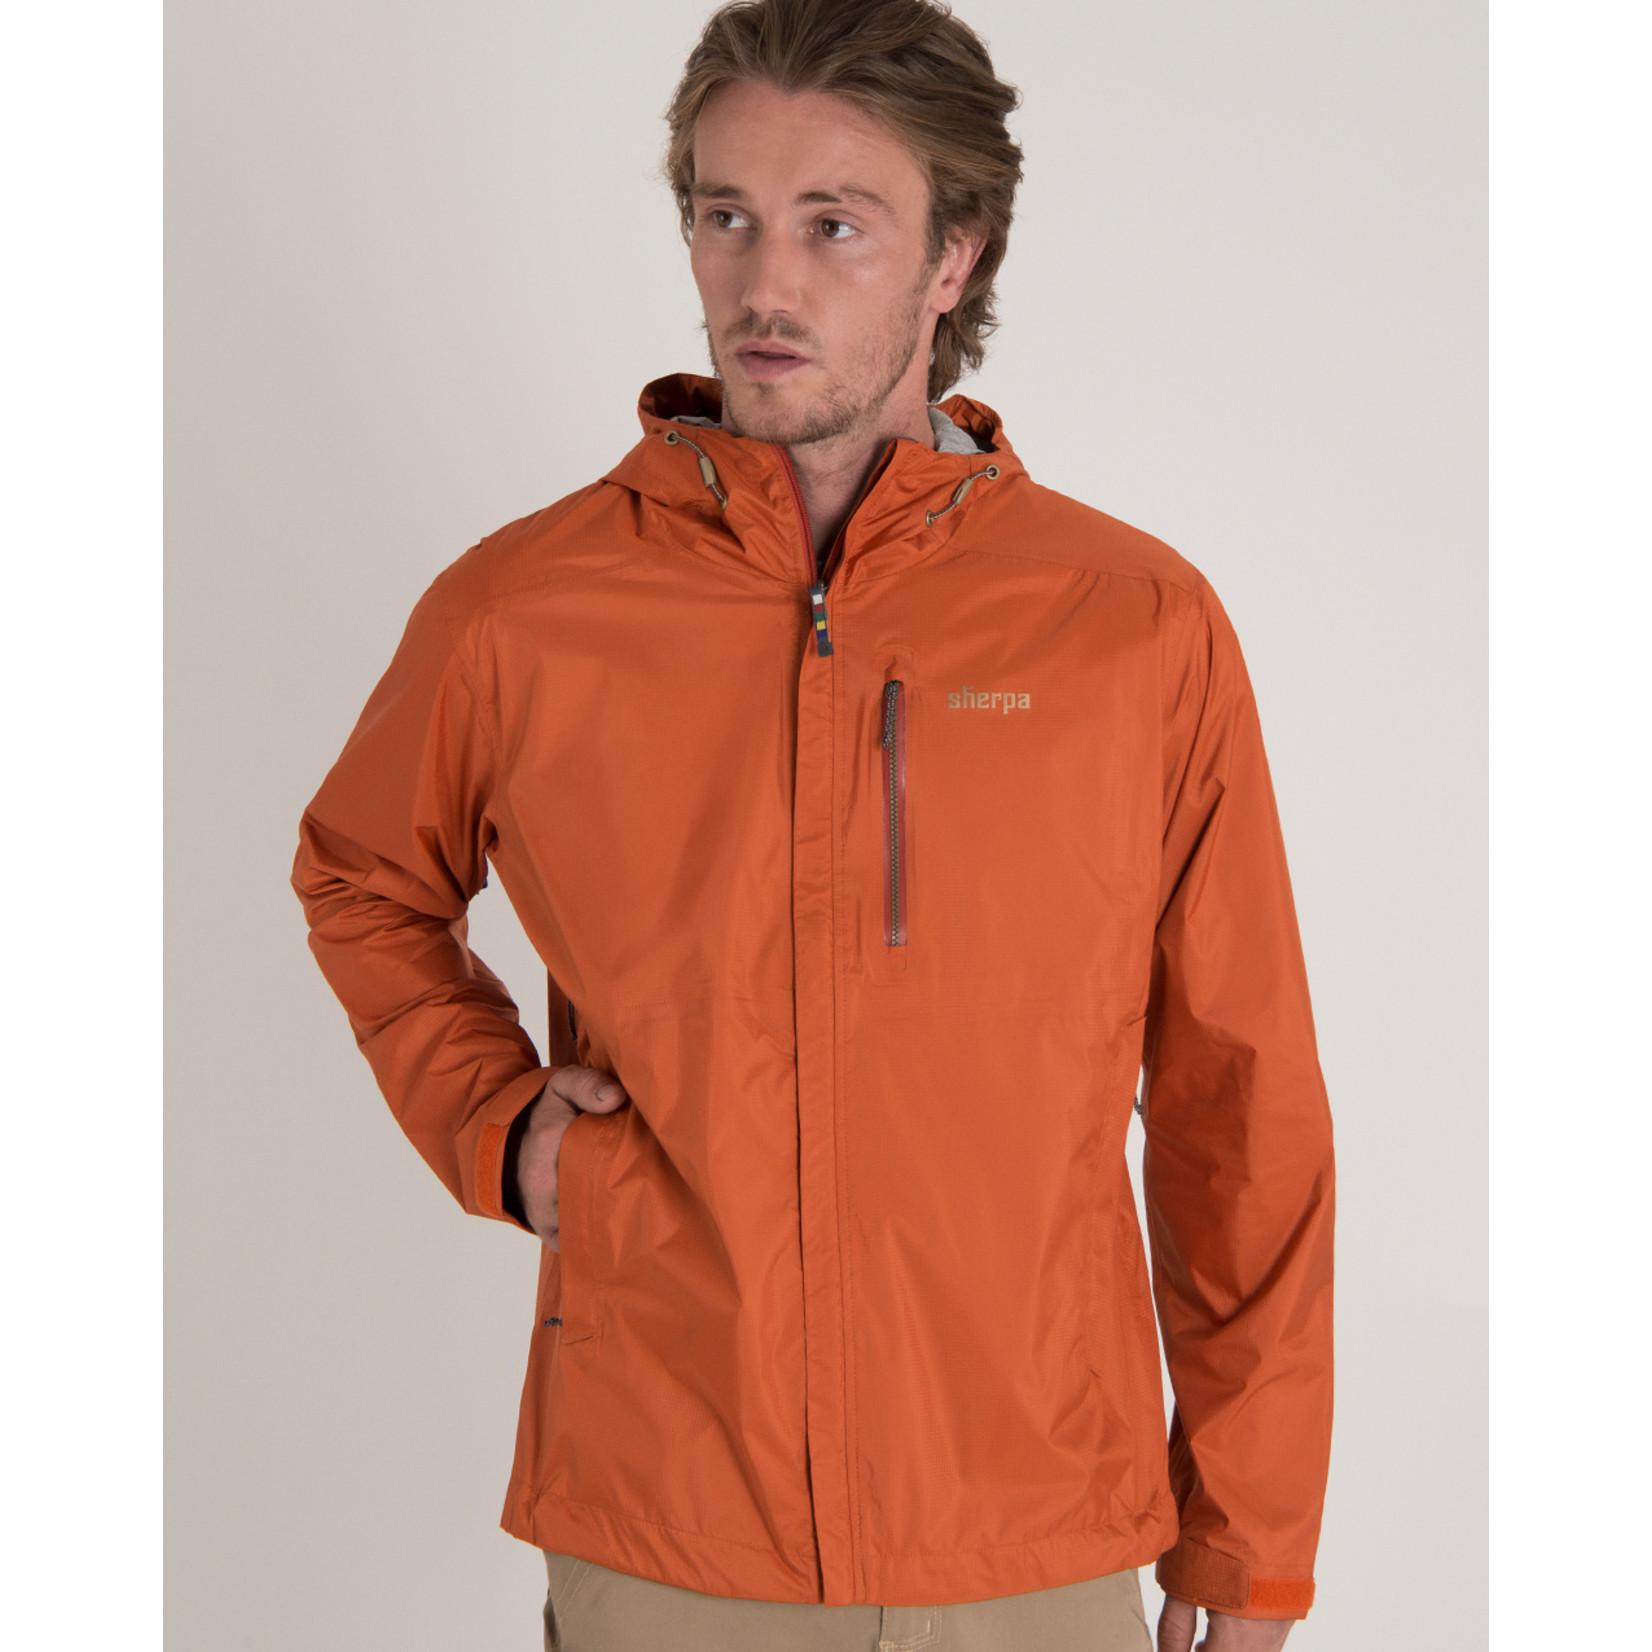 Sherpa Adventure Gear Kunde Waterproof 2.5 Layer Jacket